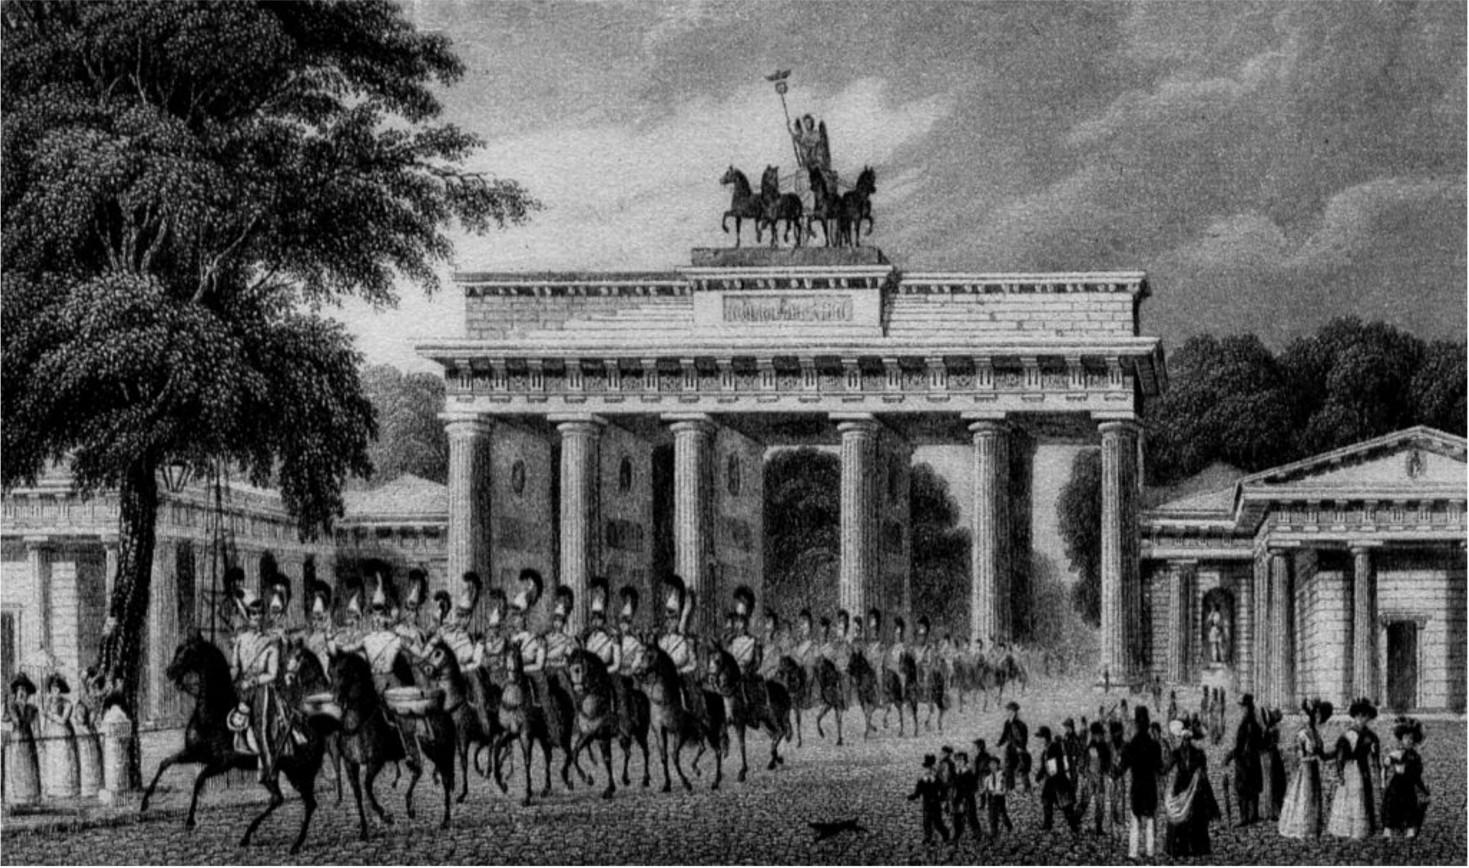 TOURISMUS<br>Was nur Du siehst:<br>Brandenburger Tor vor 200 Jahren